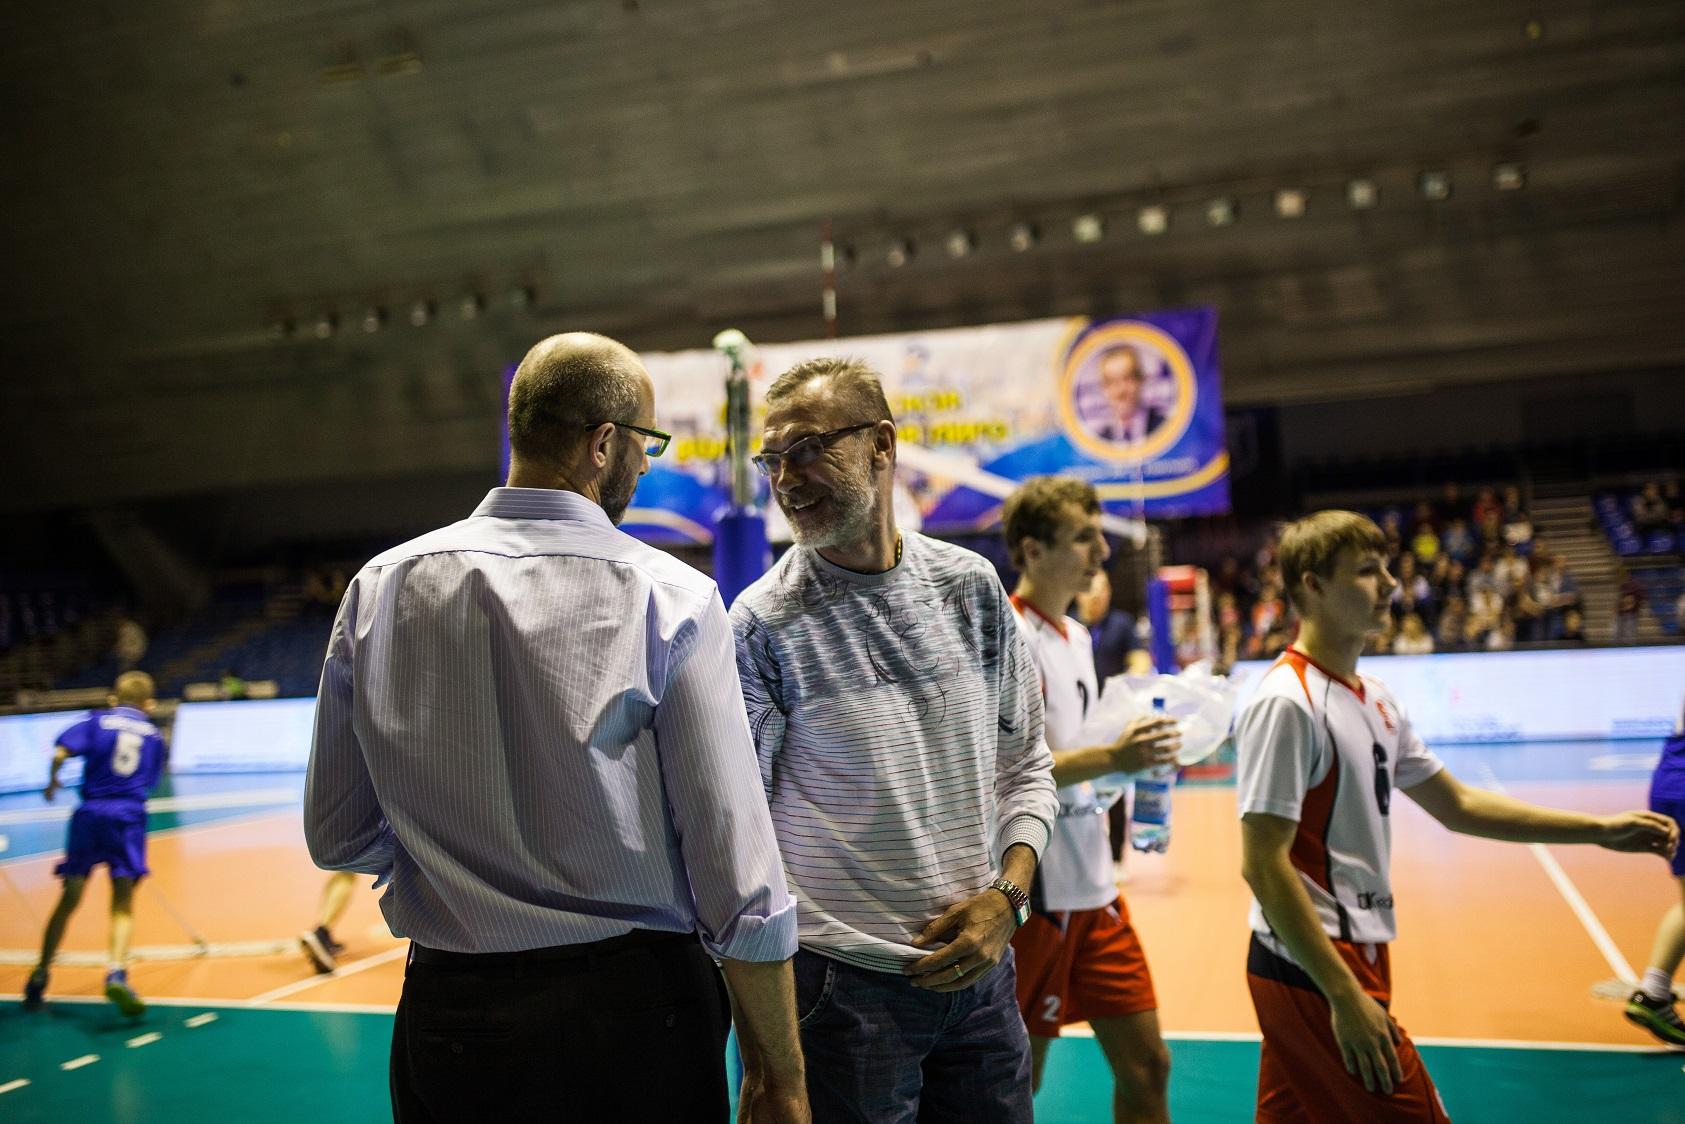 жеребьевка в волейболе по таблице